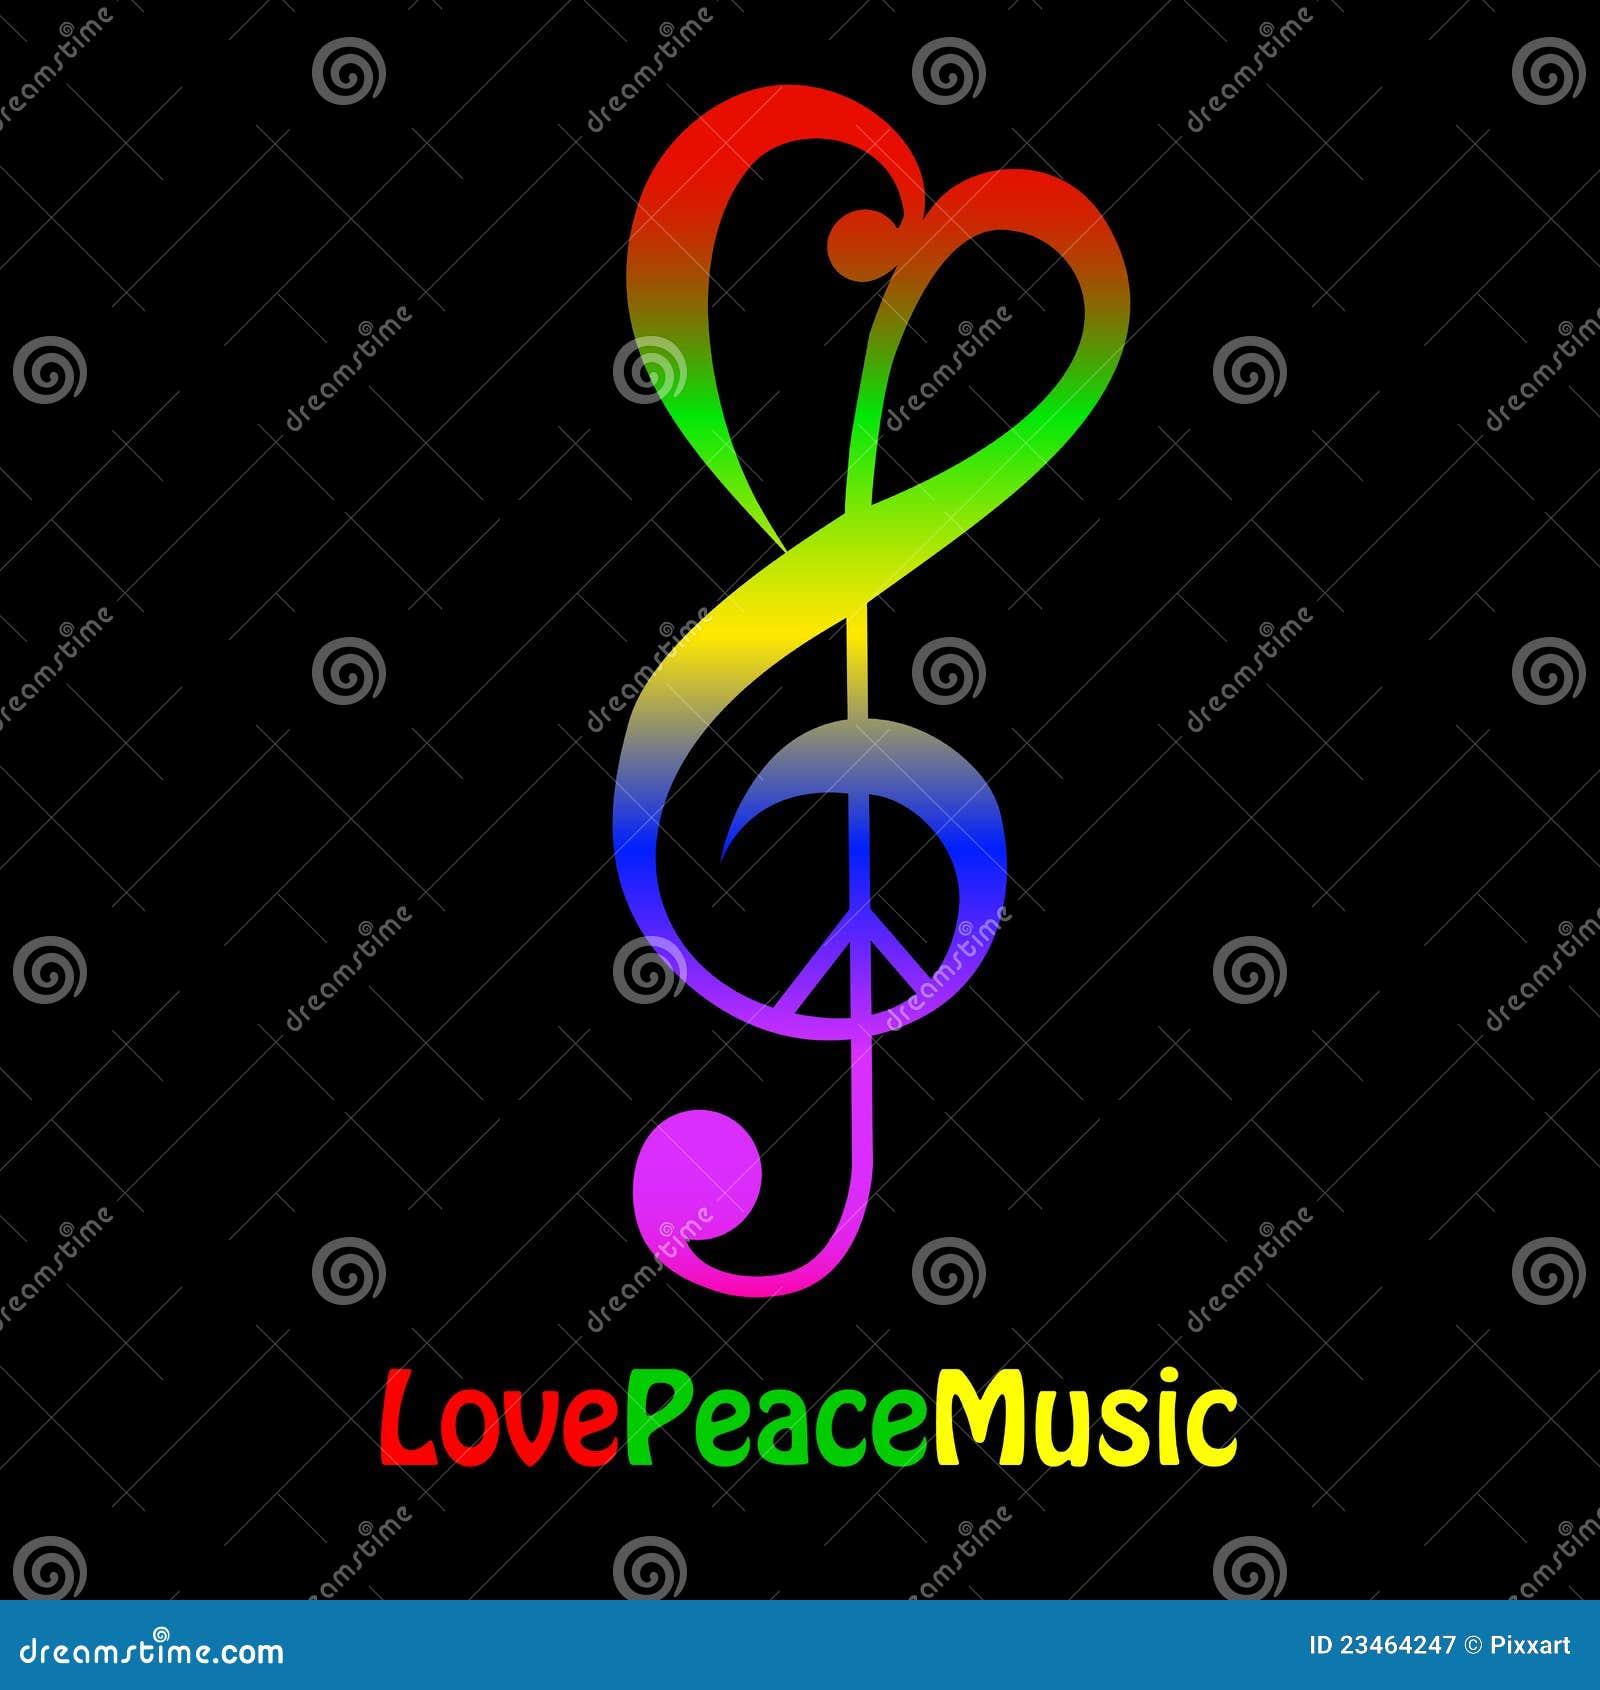 MUSICA DE PAZ MUSICA DE AMOR MUSICA